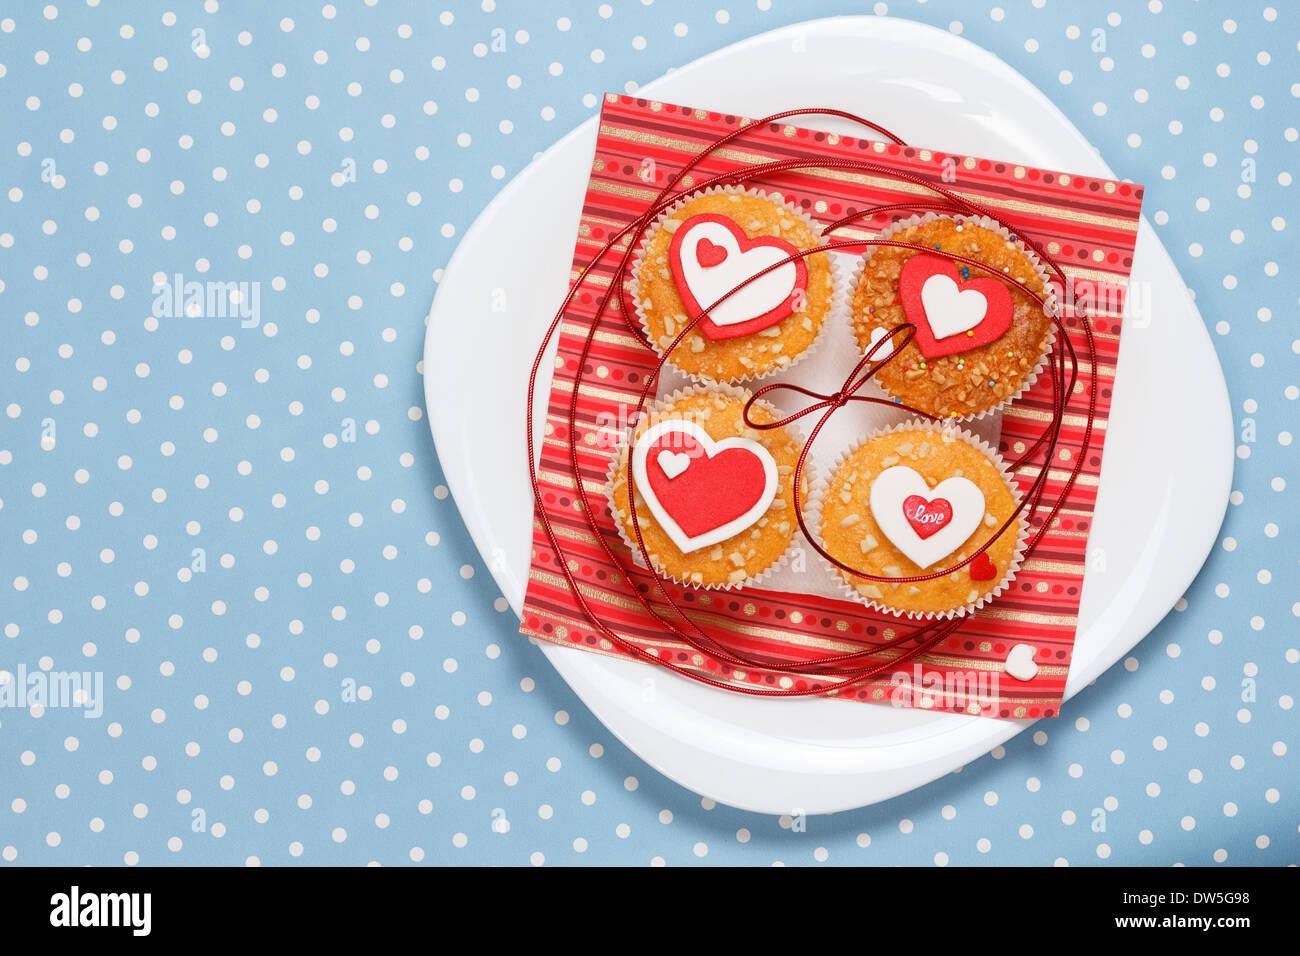 dcd2bab5ab7bee weißen Teller mit Valentinstag-Muffins mit roten und weißen Herzen auf eine  blaue im Hintergrund